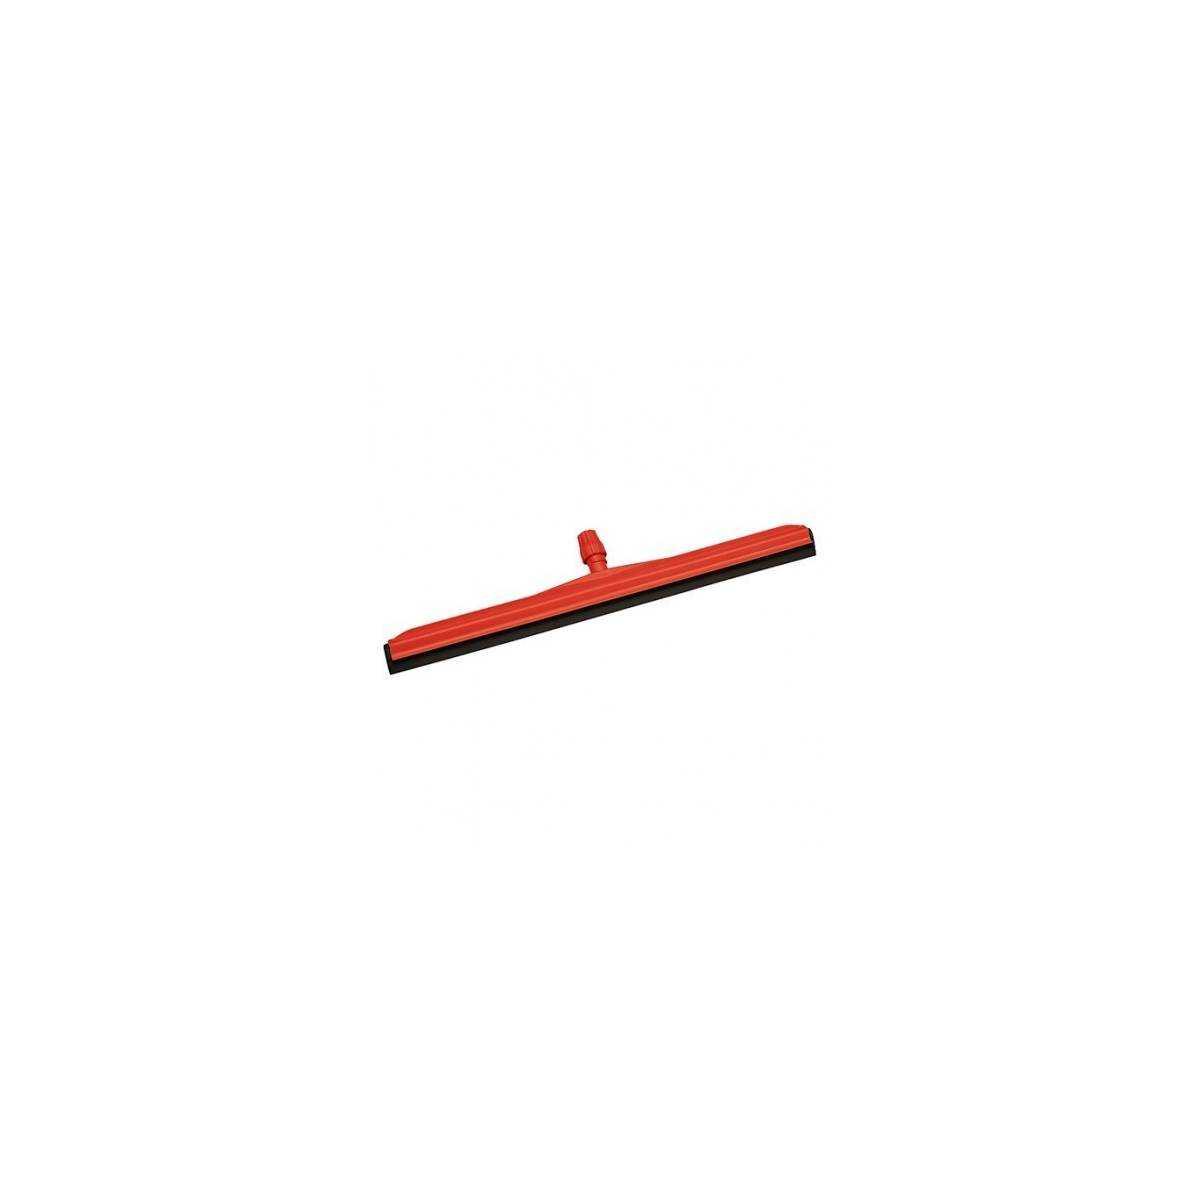 Скребок для сгона воды с пола полипропиленовый 55см (Красного цвета) 8657 TTS